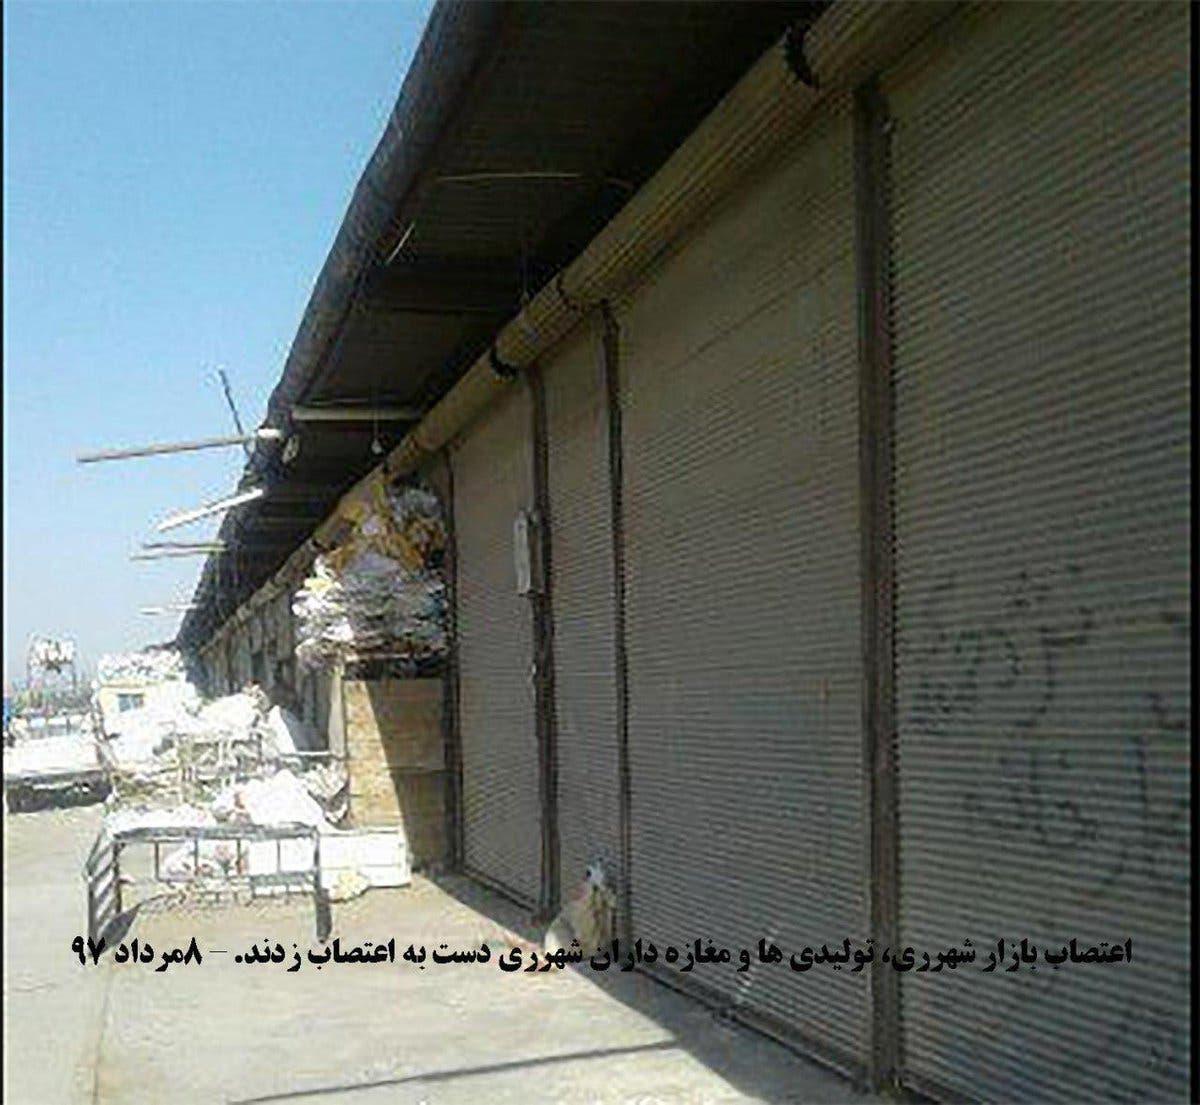 إضراب في سوق مدينة الري